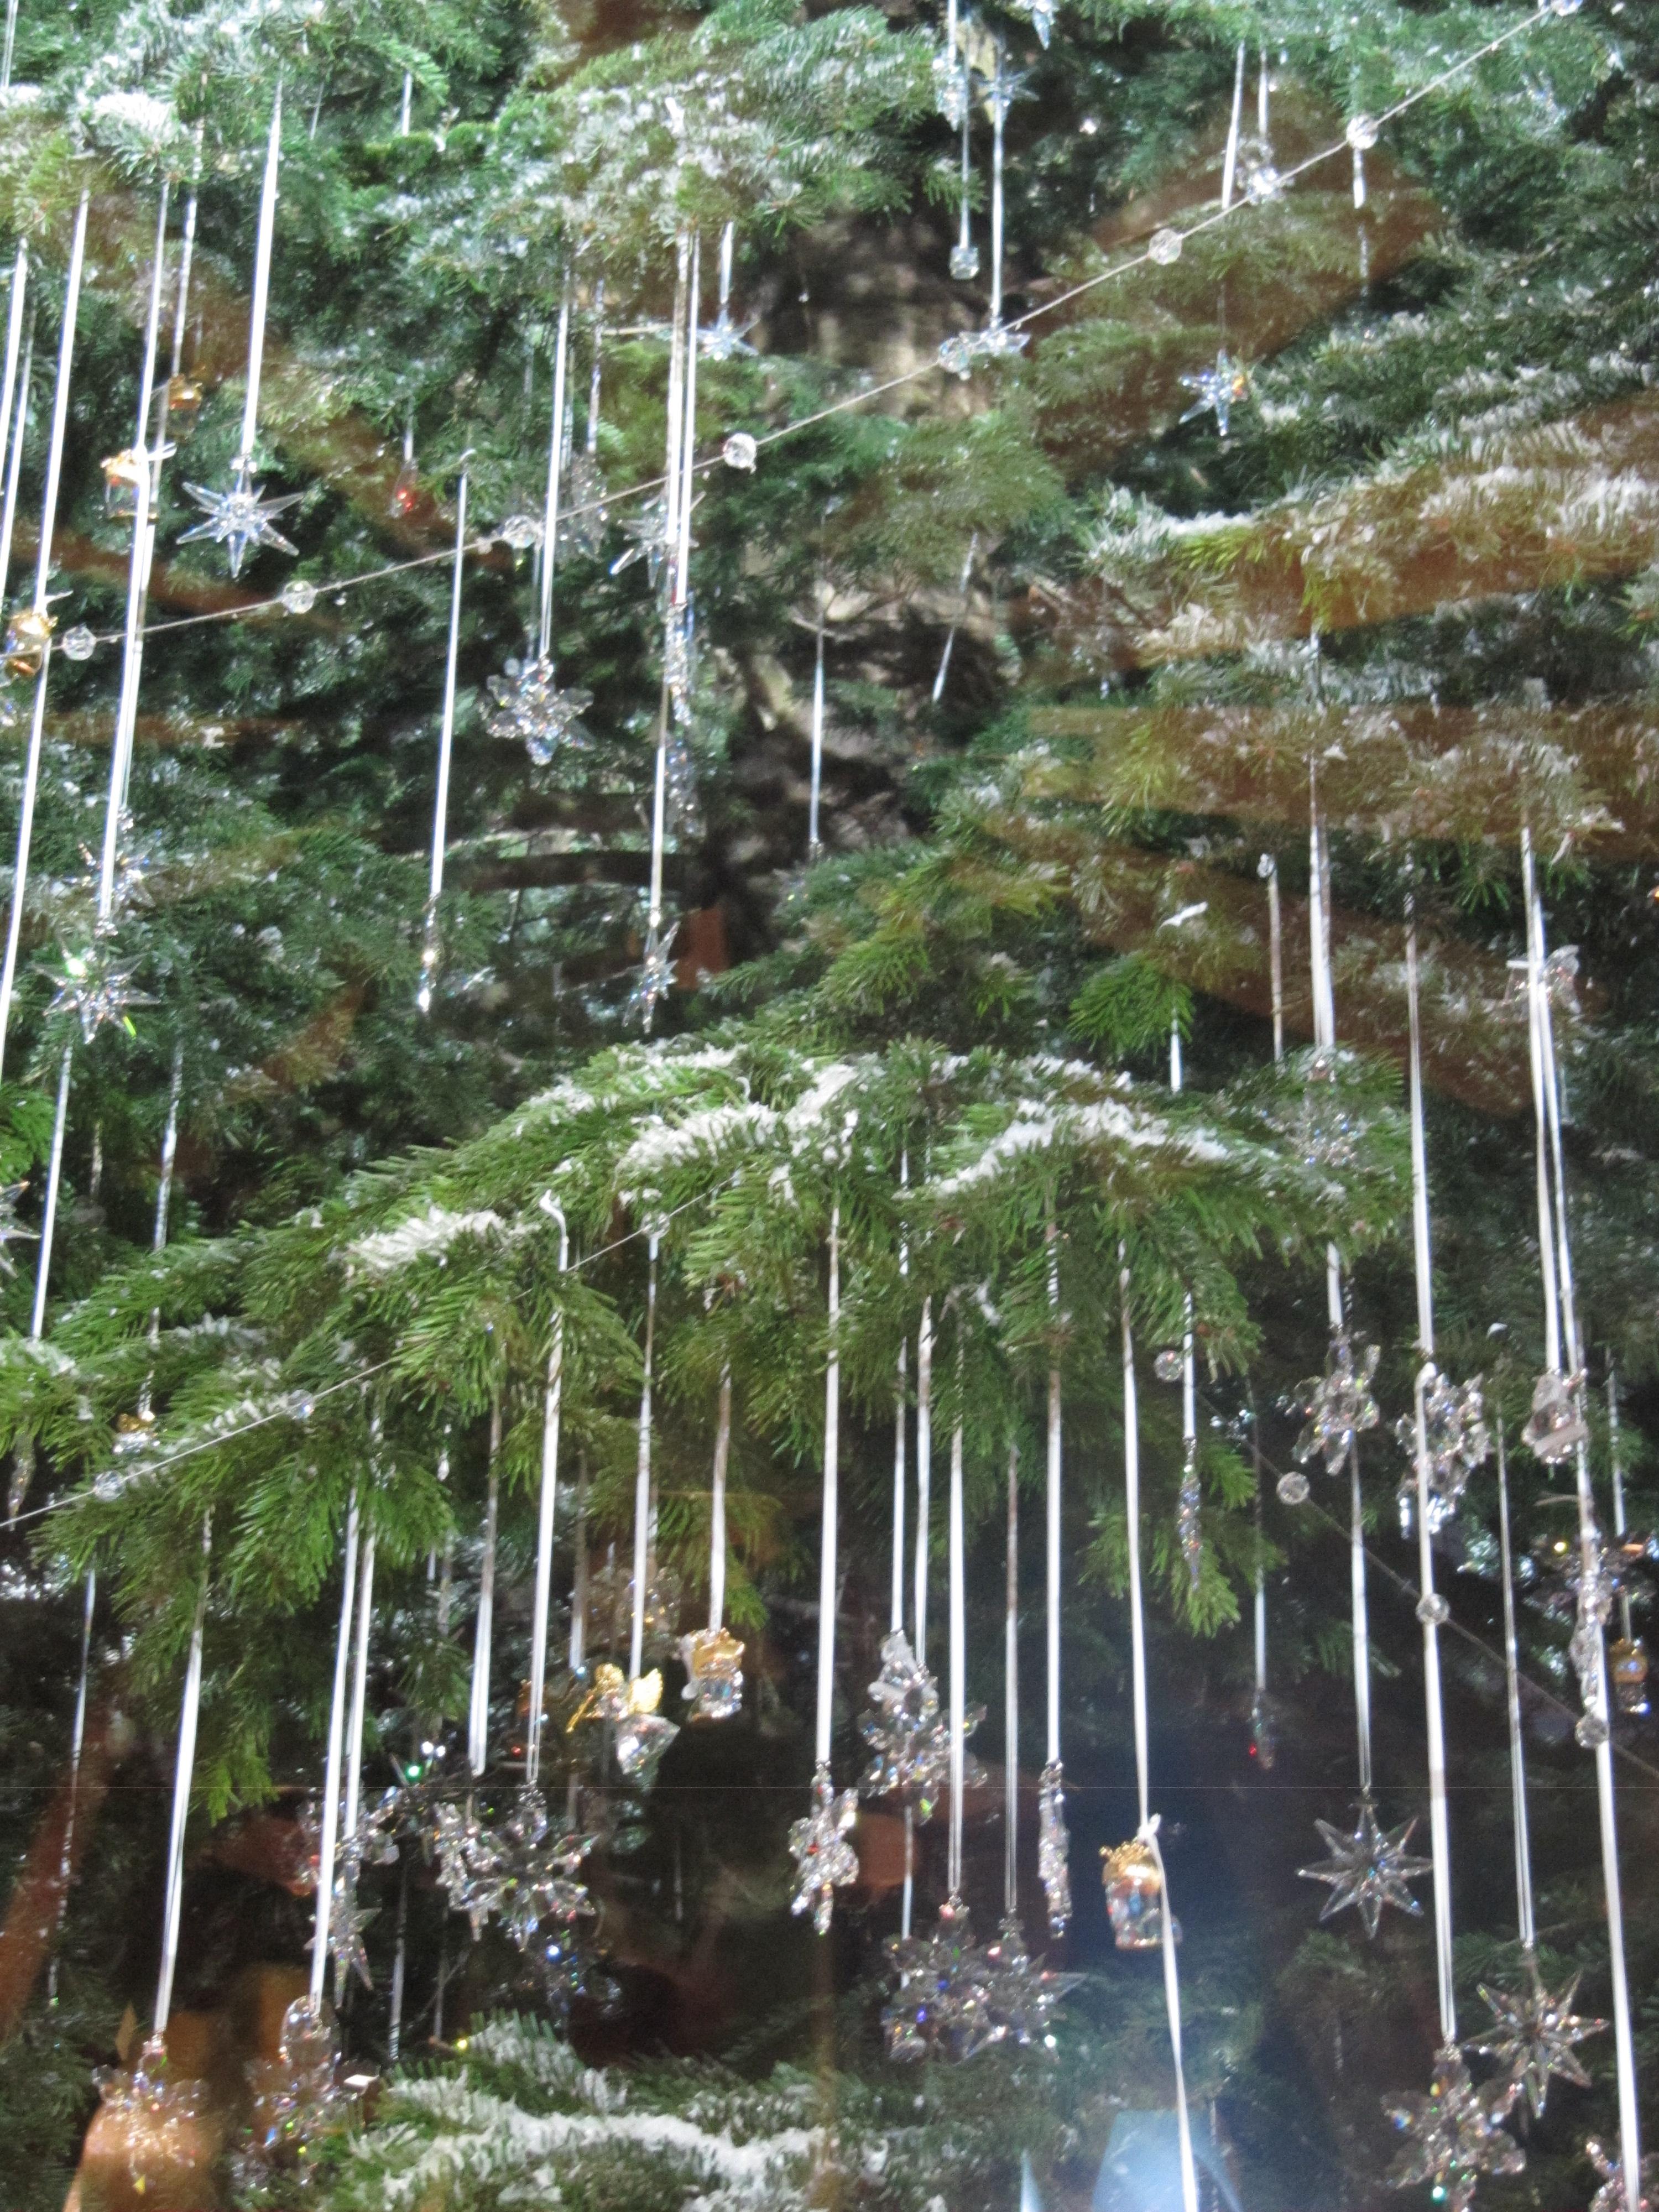 File:laika Ac Swarovski Christmas Tree (6686139967)g